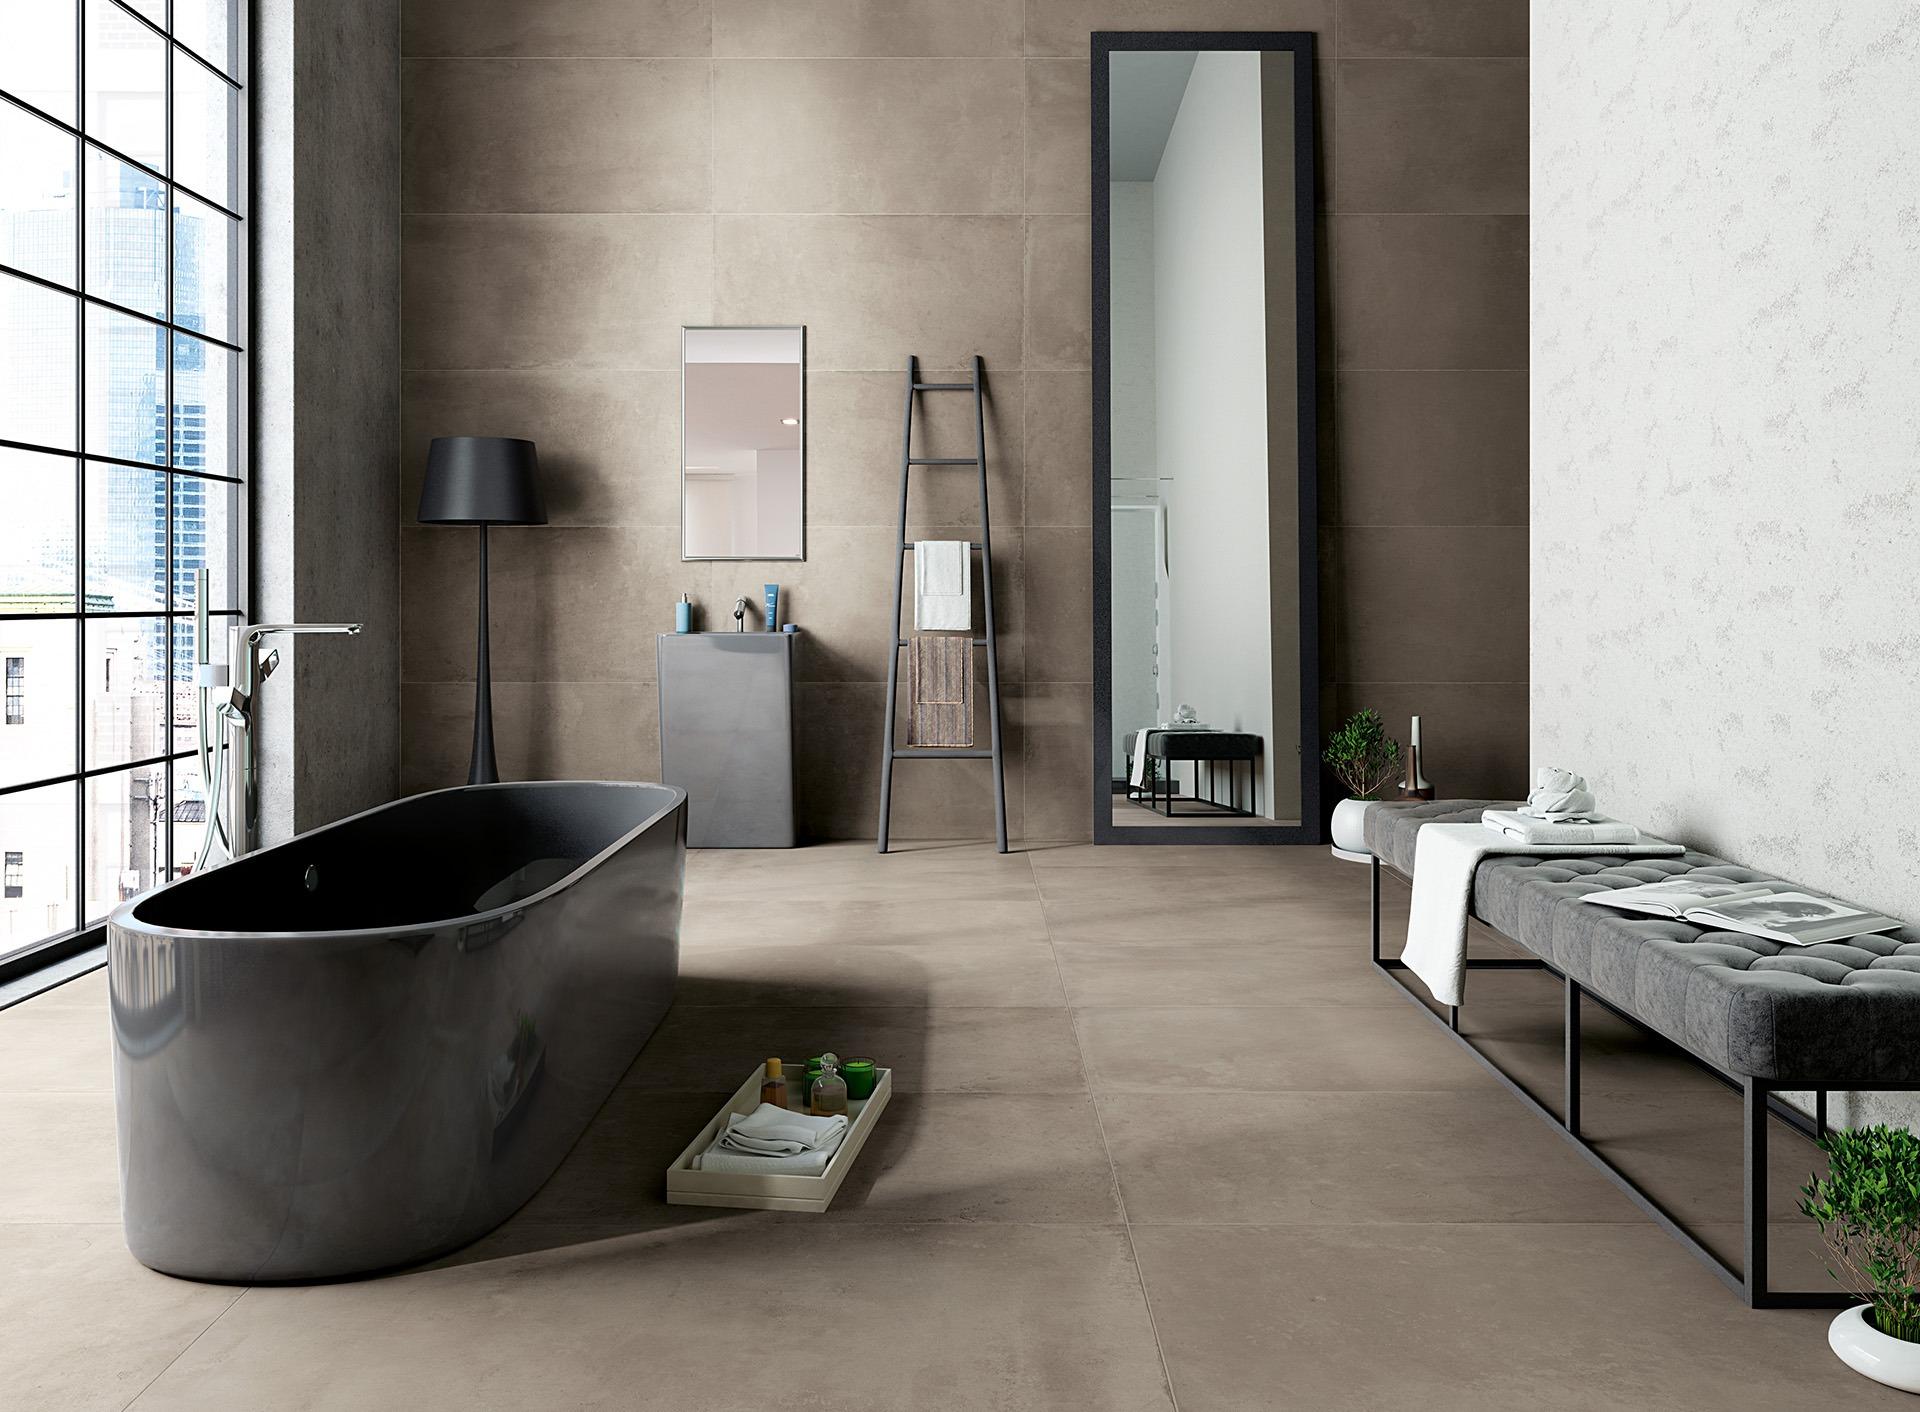 Castelvetro It Fusion Cemento Ambiente Tile Mdc Tiles